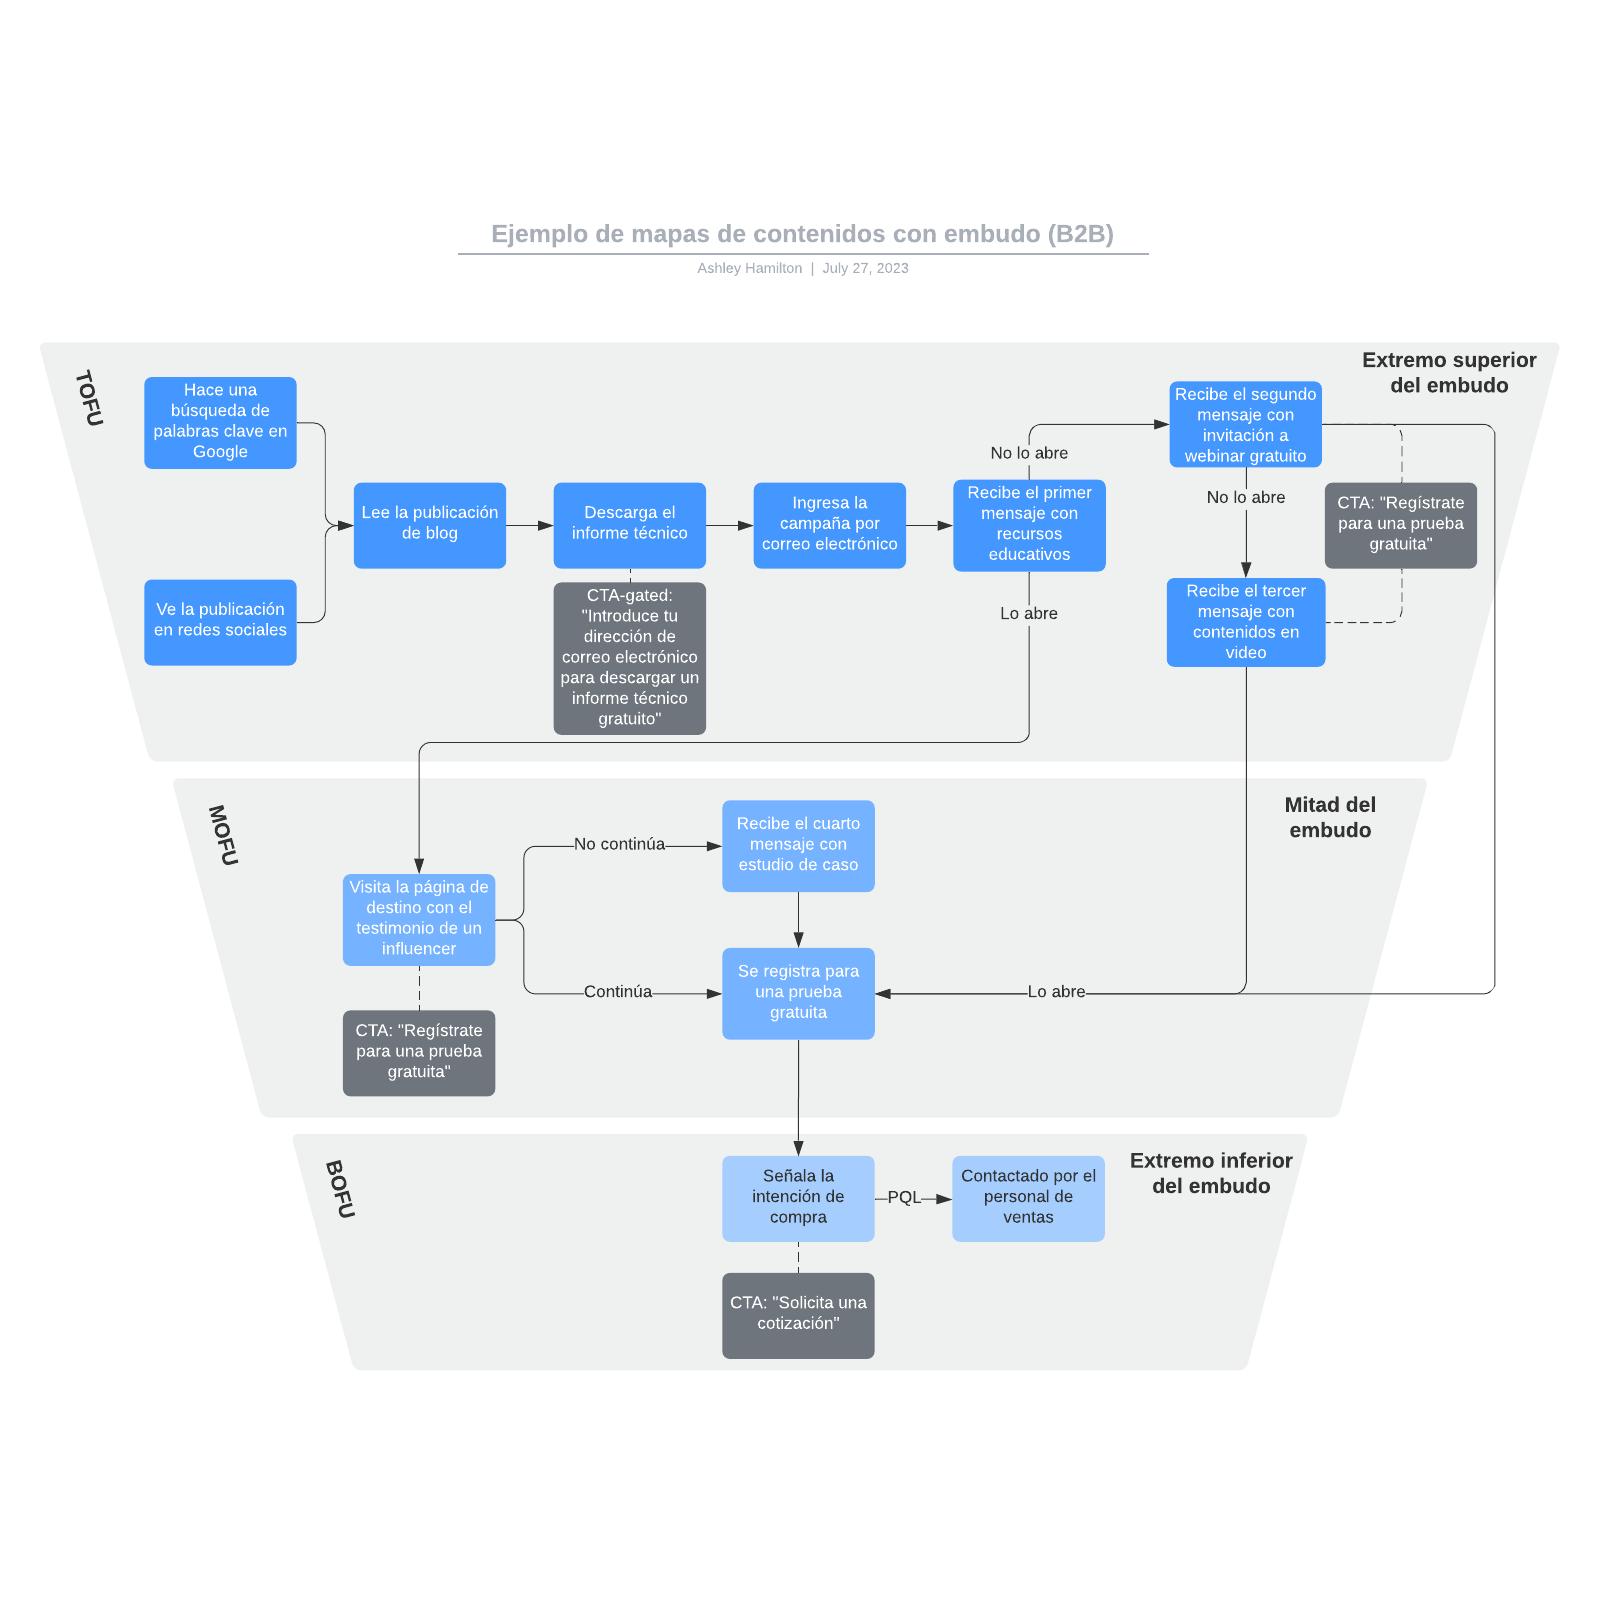 Ejemplo de mapas de contenidos con embudo (B2B)